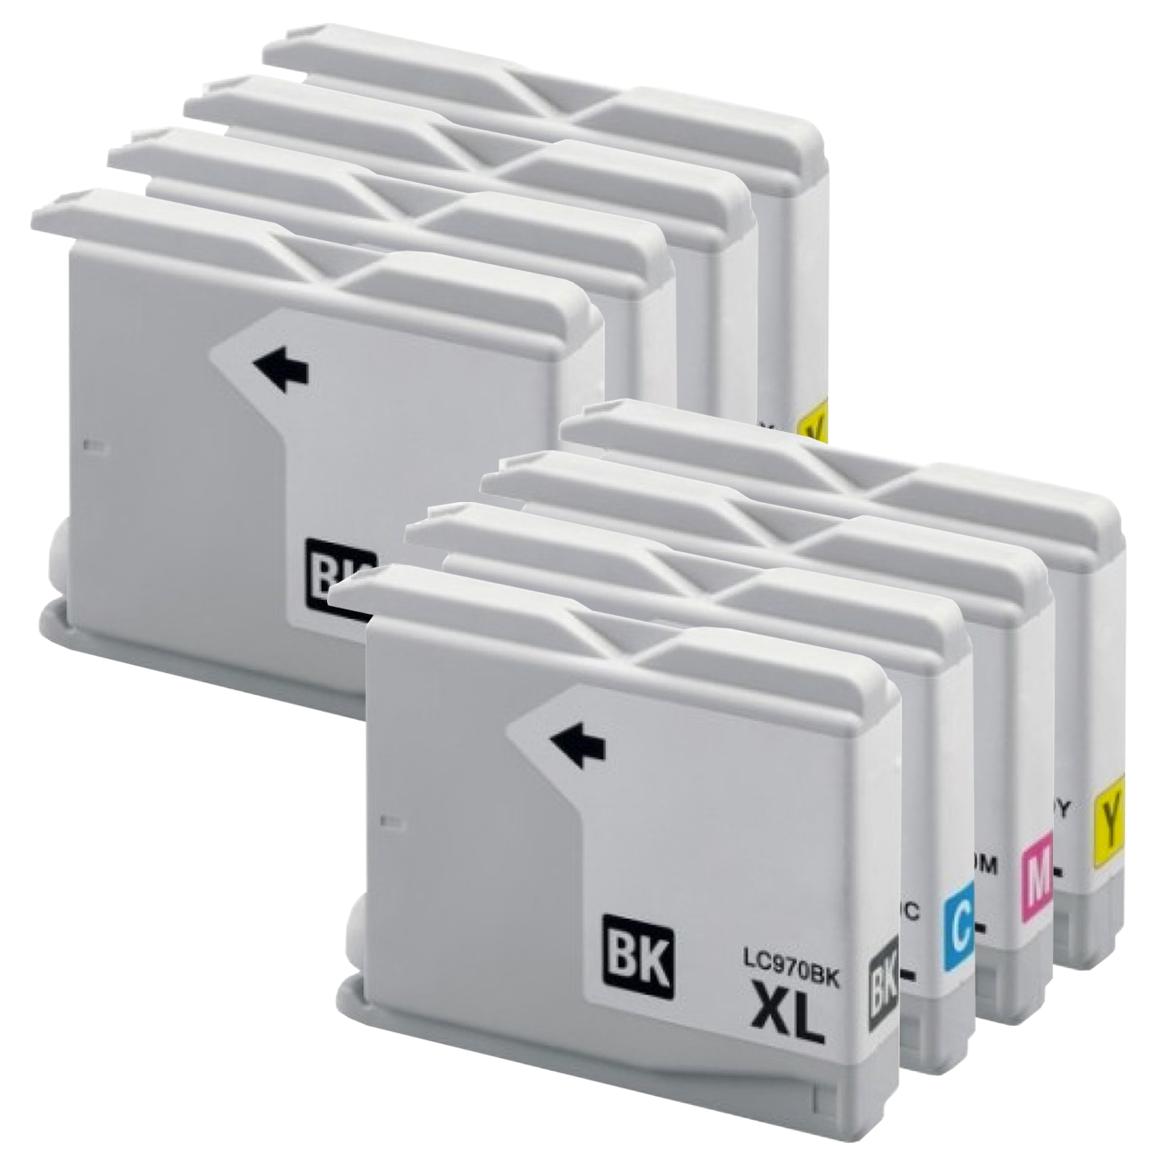 Afbeelding van 2x Brother LC 970 XL multipack (huismerk inktcartridges)